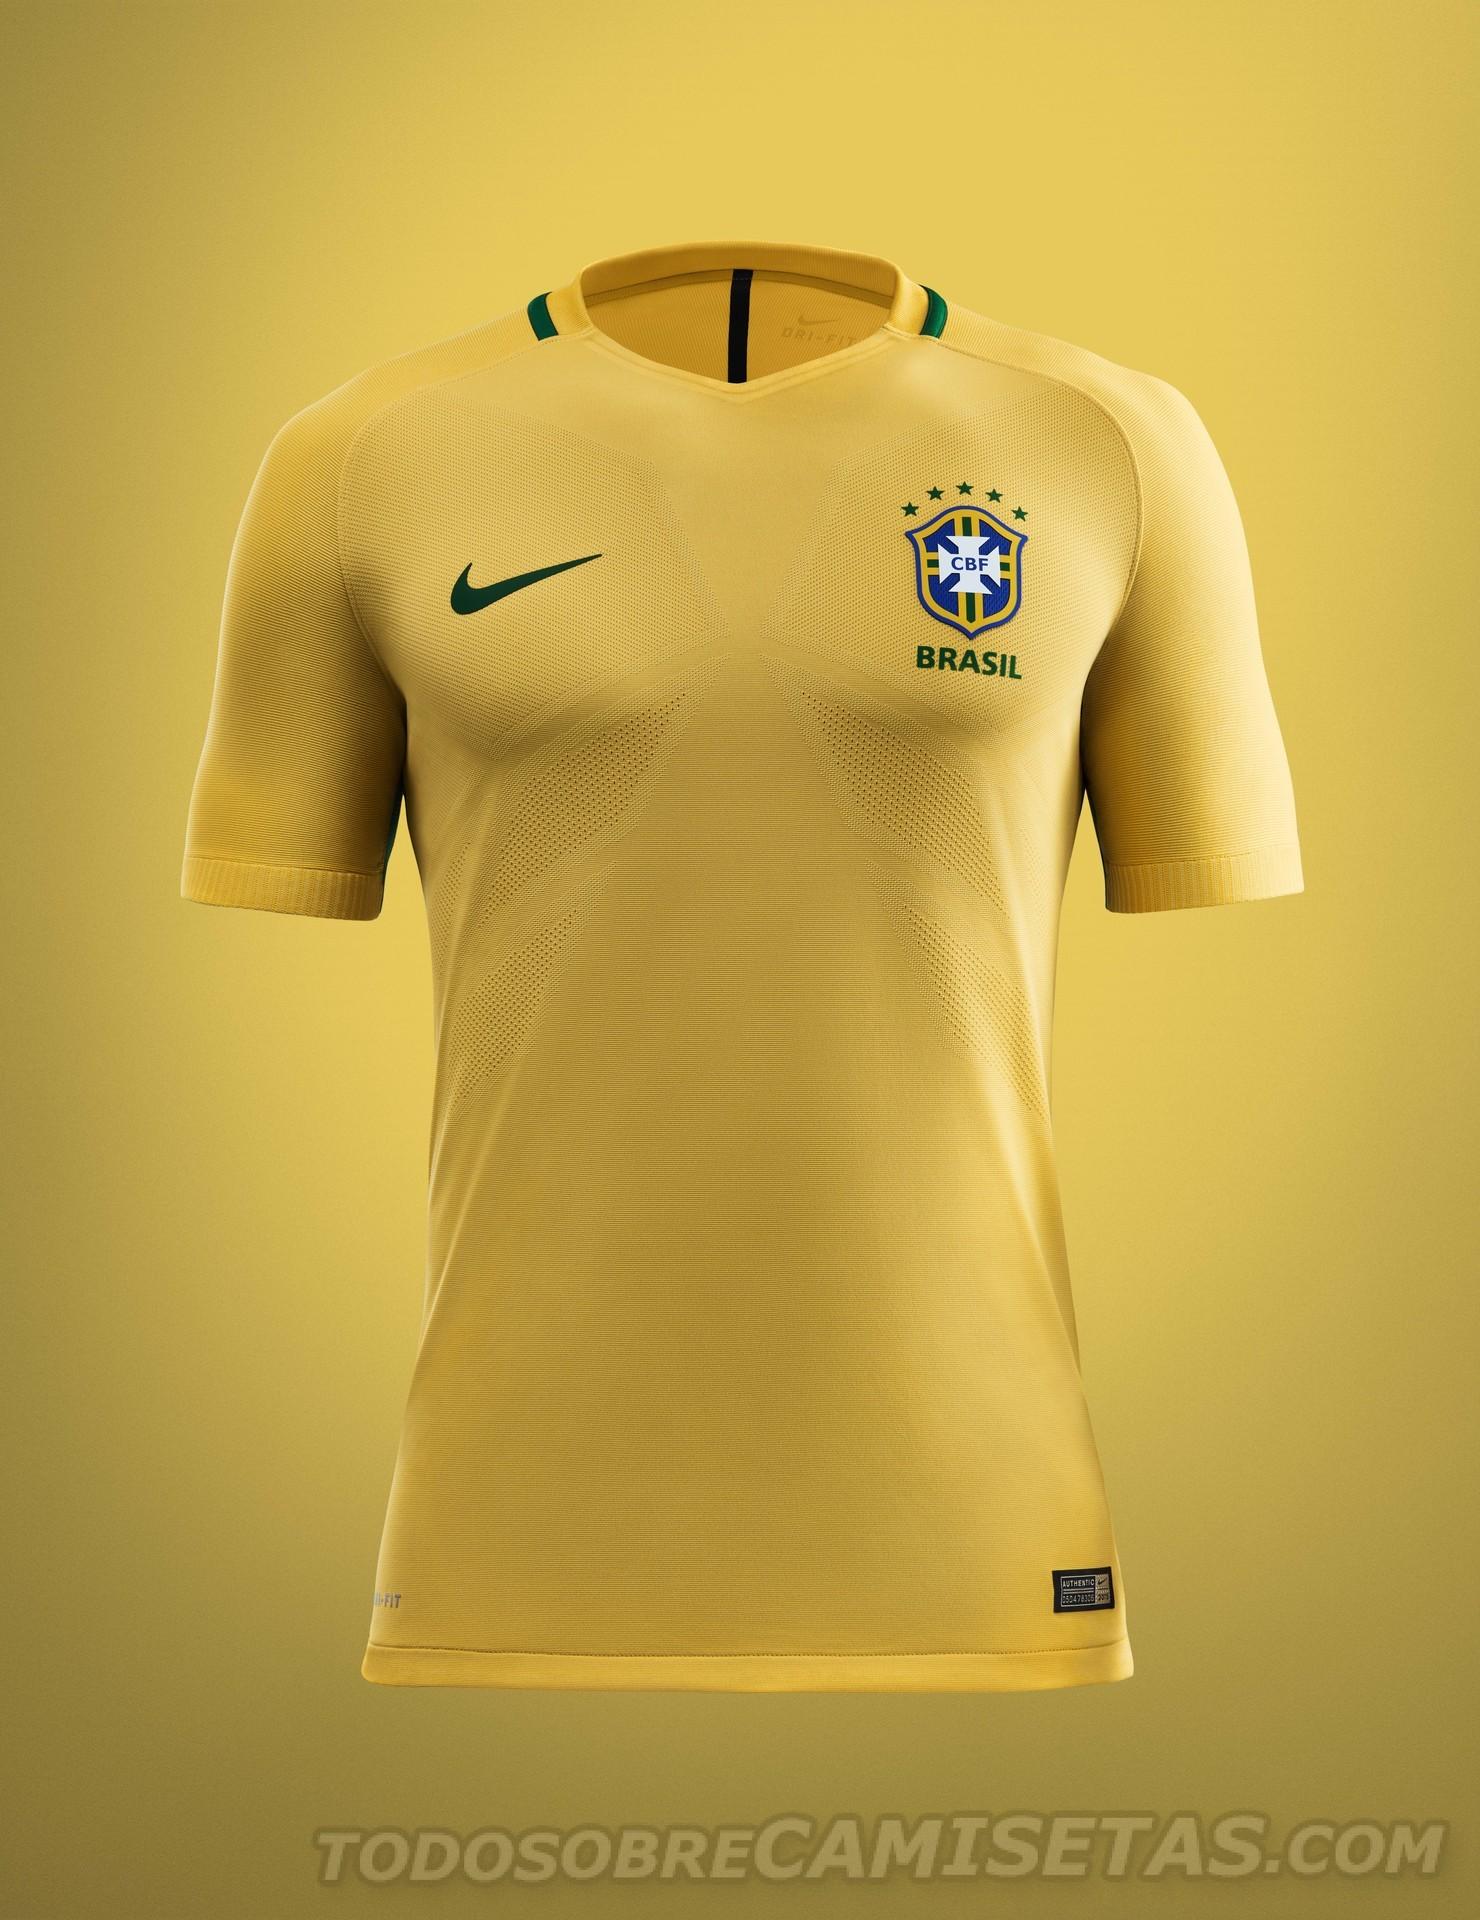 Brazil-2016-NIKE-new-home-kit-2.jpg